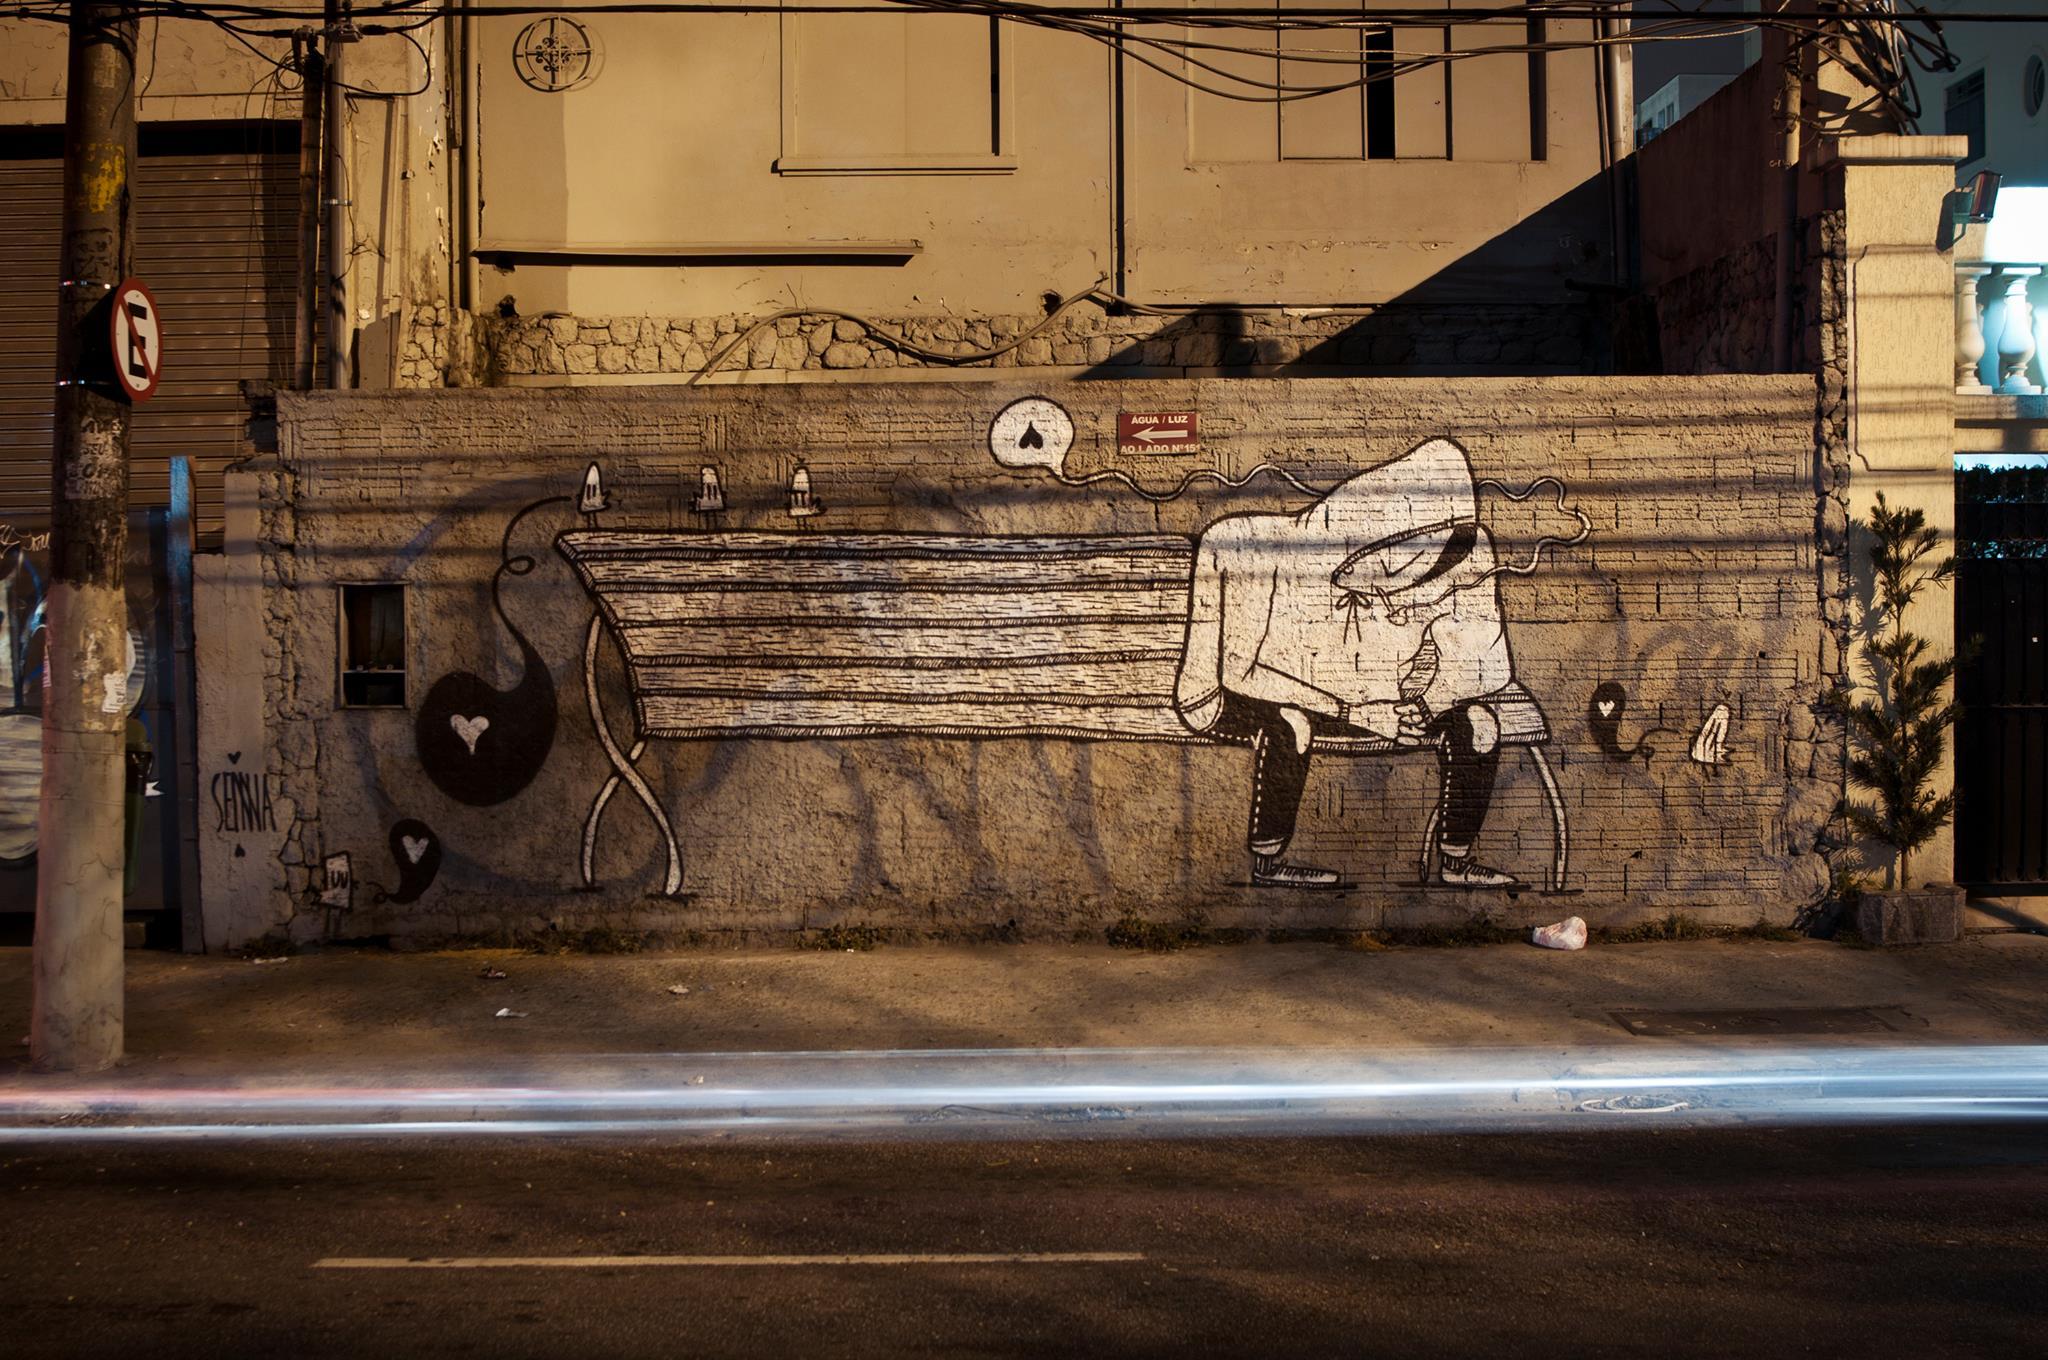 alex senna graffiti sp preto e branco (1)